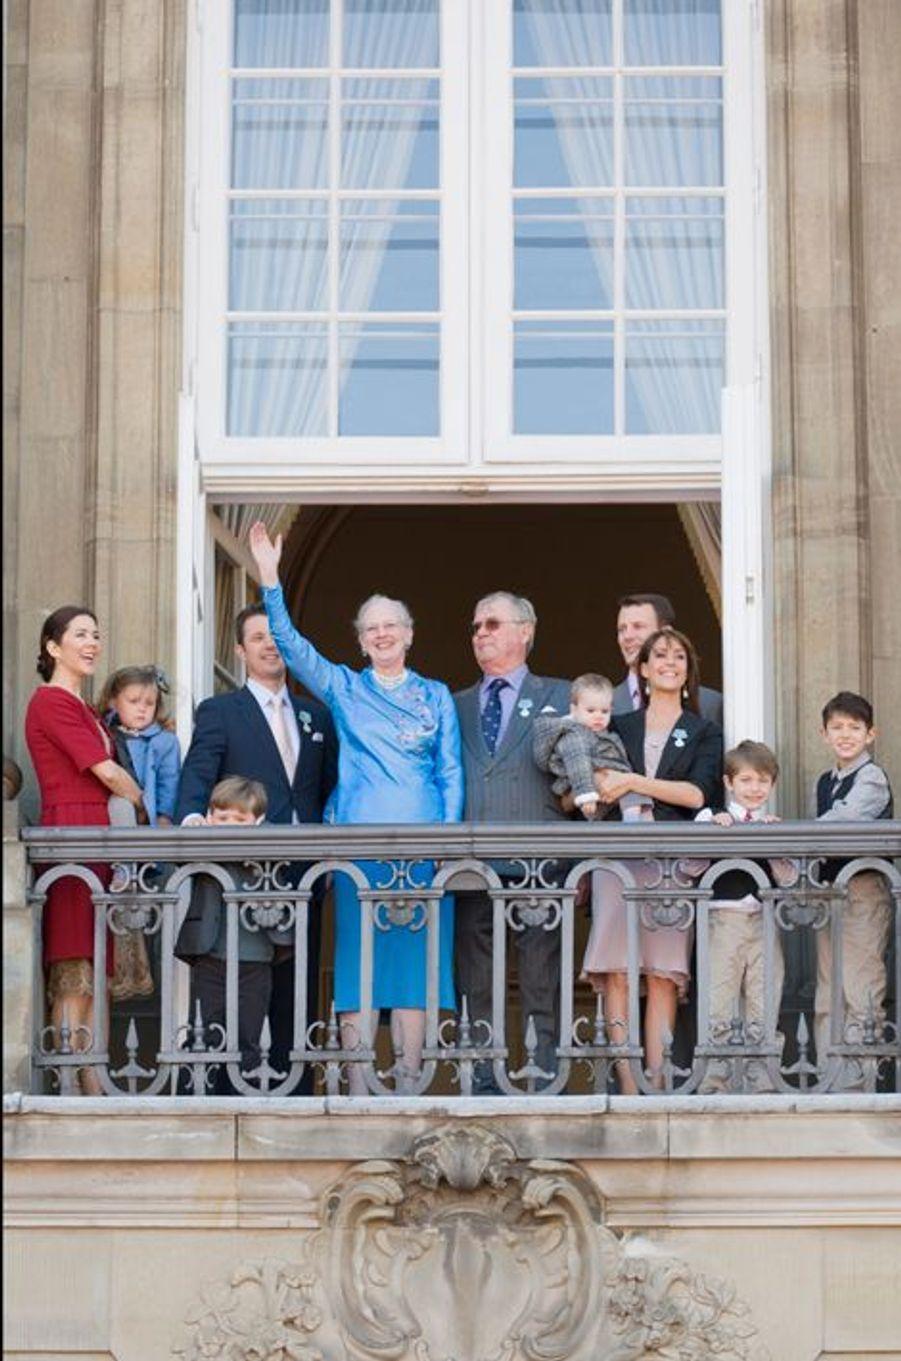 La princesse Marie avec la famille royale du Danemark, le 16 avril 2010